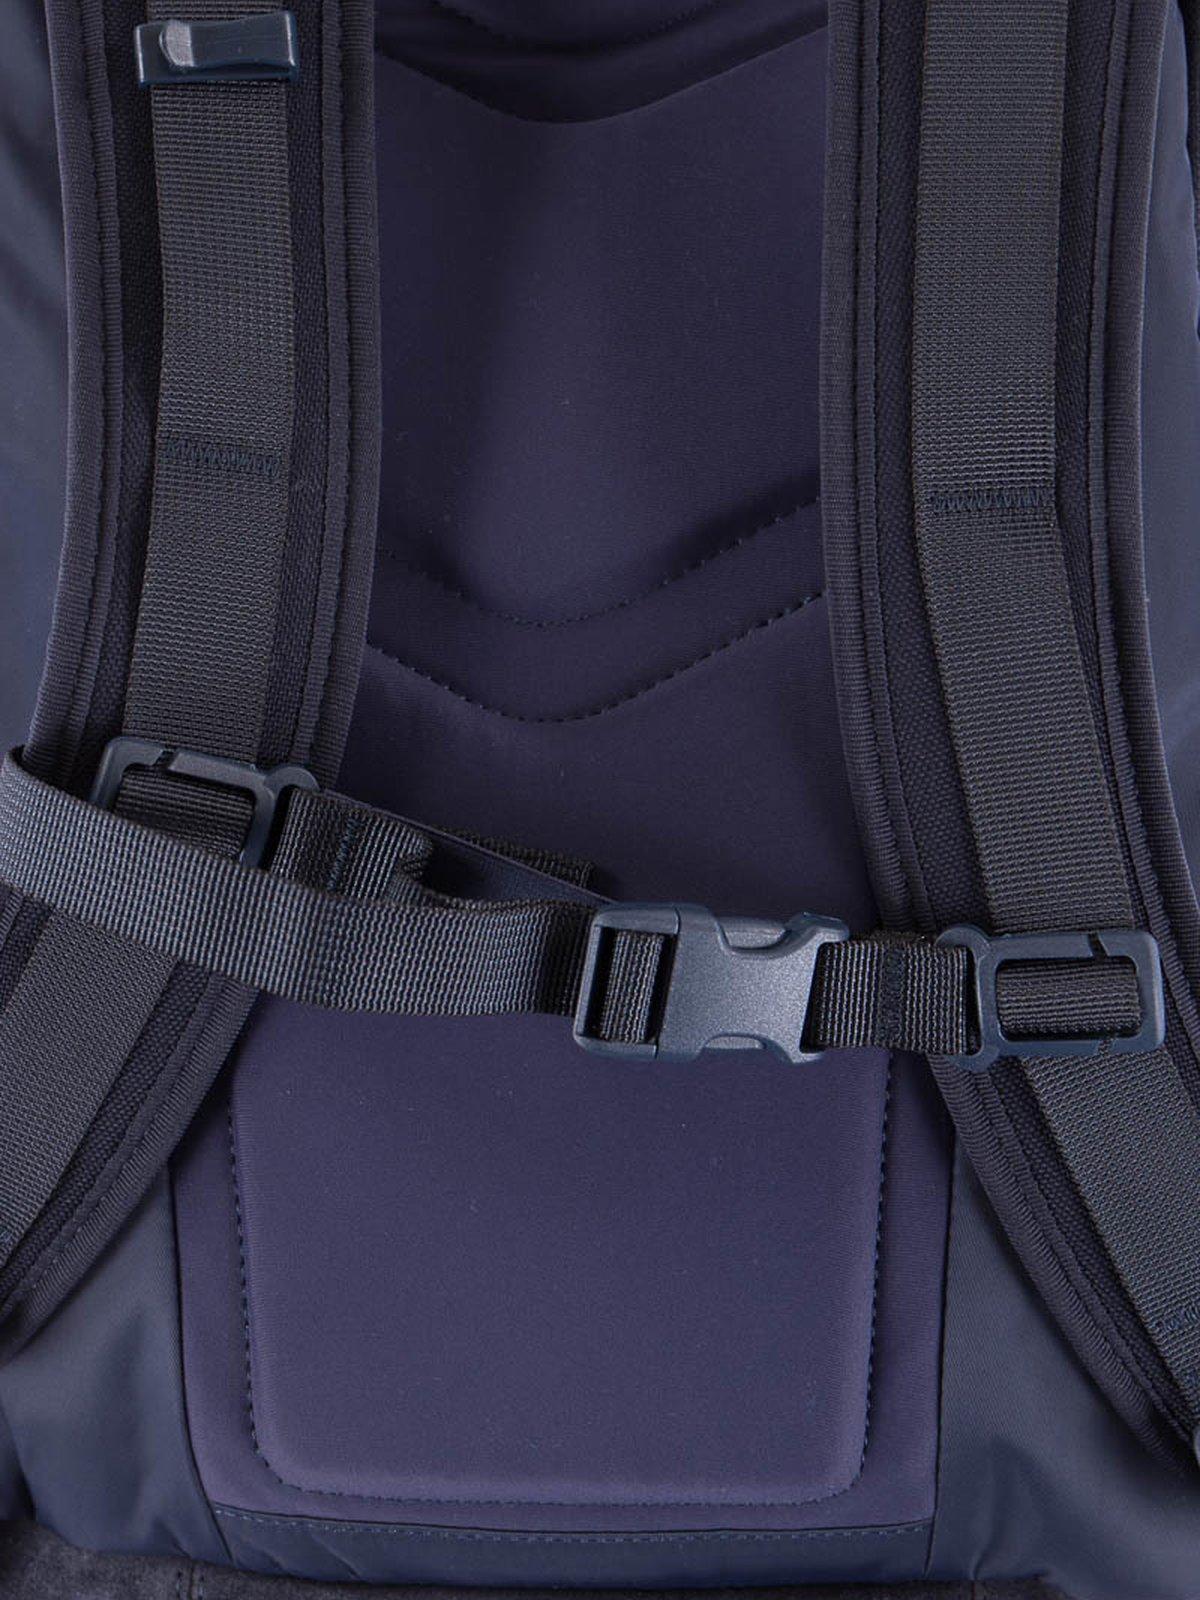 Navy 20L Ballistic Backpack - Image 5